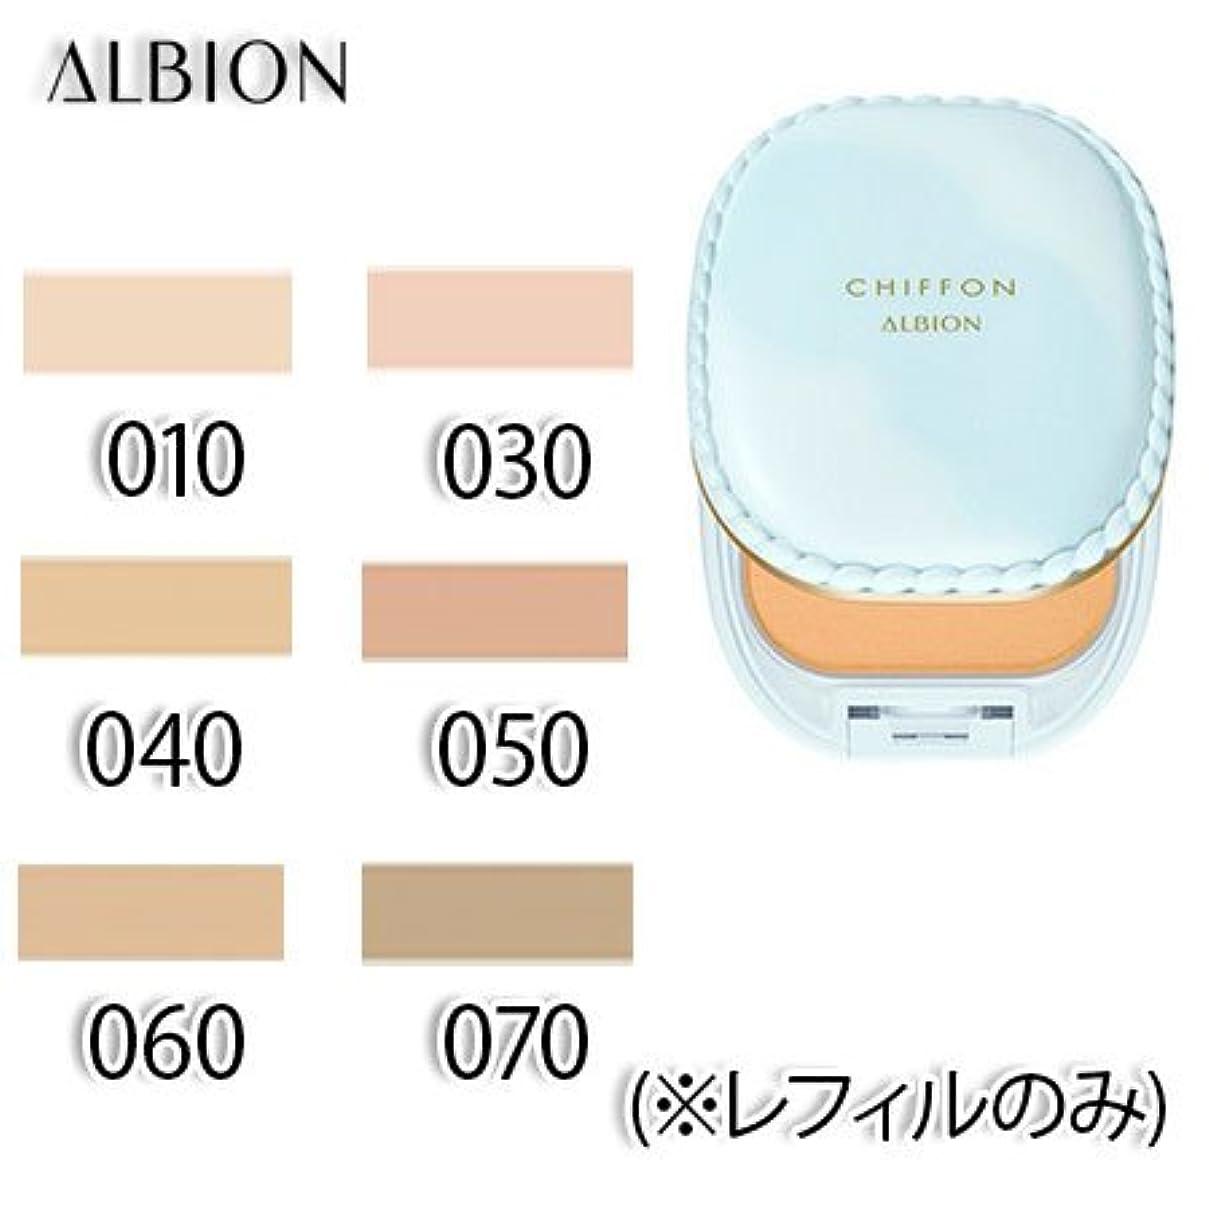 同盟終わった背骨アルビオン スノー ホワイト シフォン 全6色 SPF25?PA++ 10g (レフィルのみ) -ALBION- 050